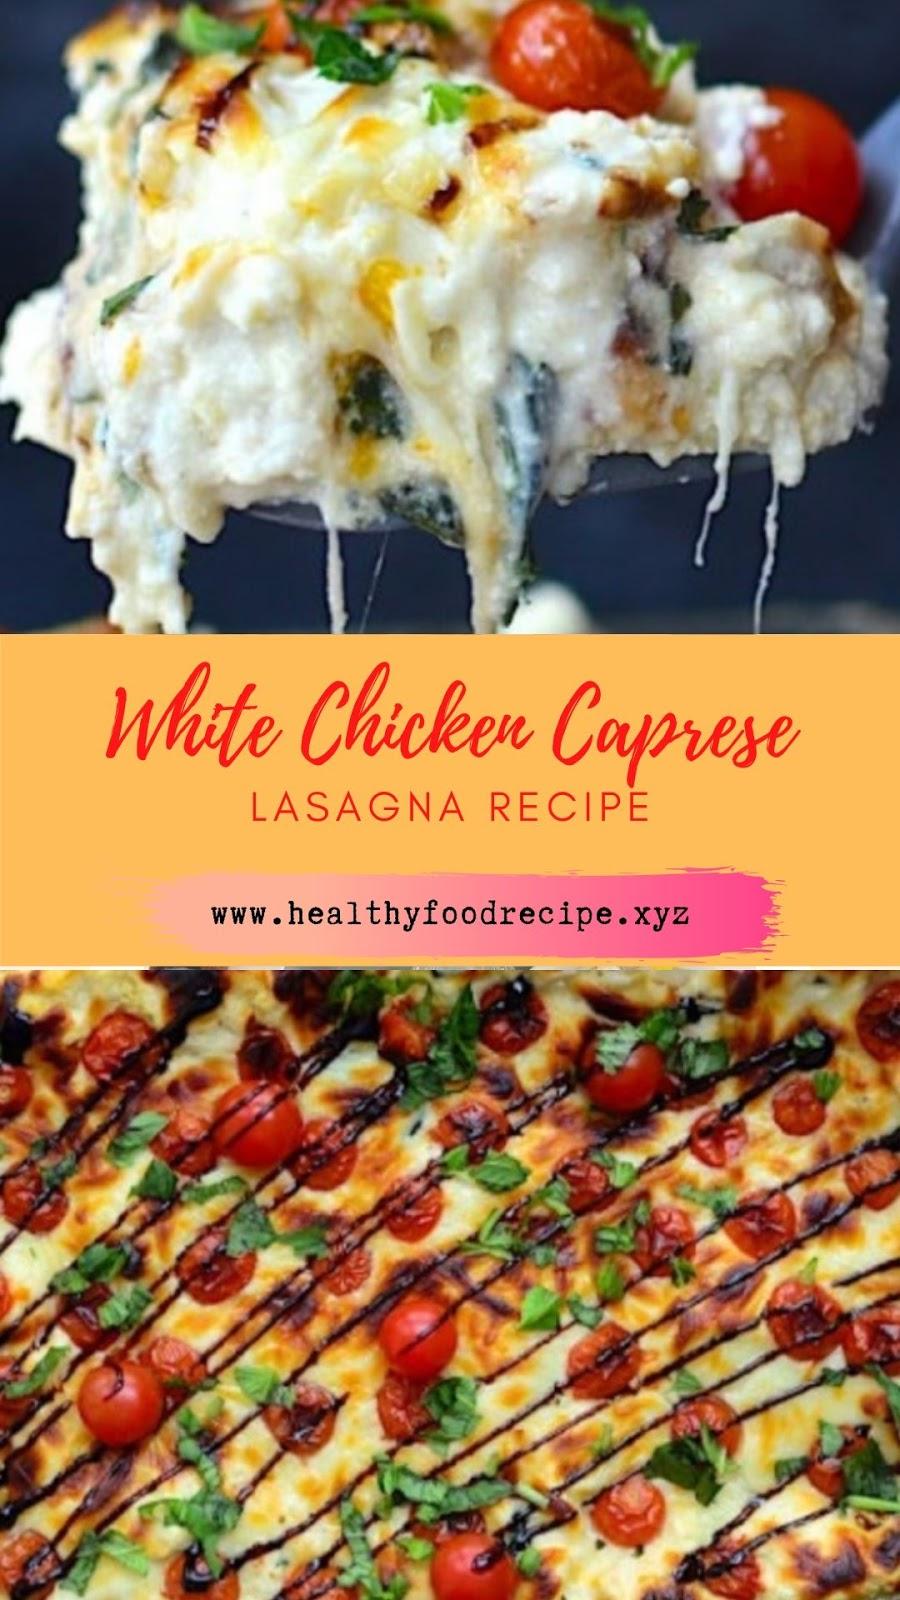 White Chicken Caprese Lasagna Recipe